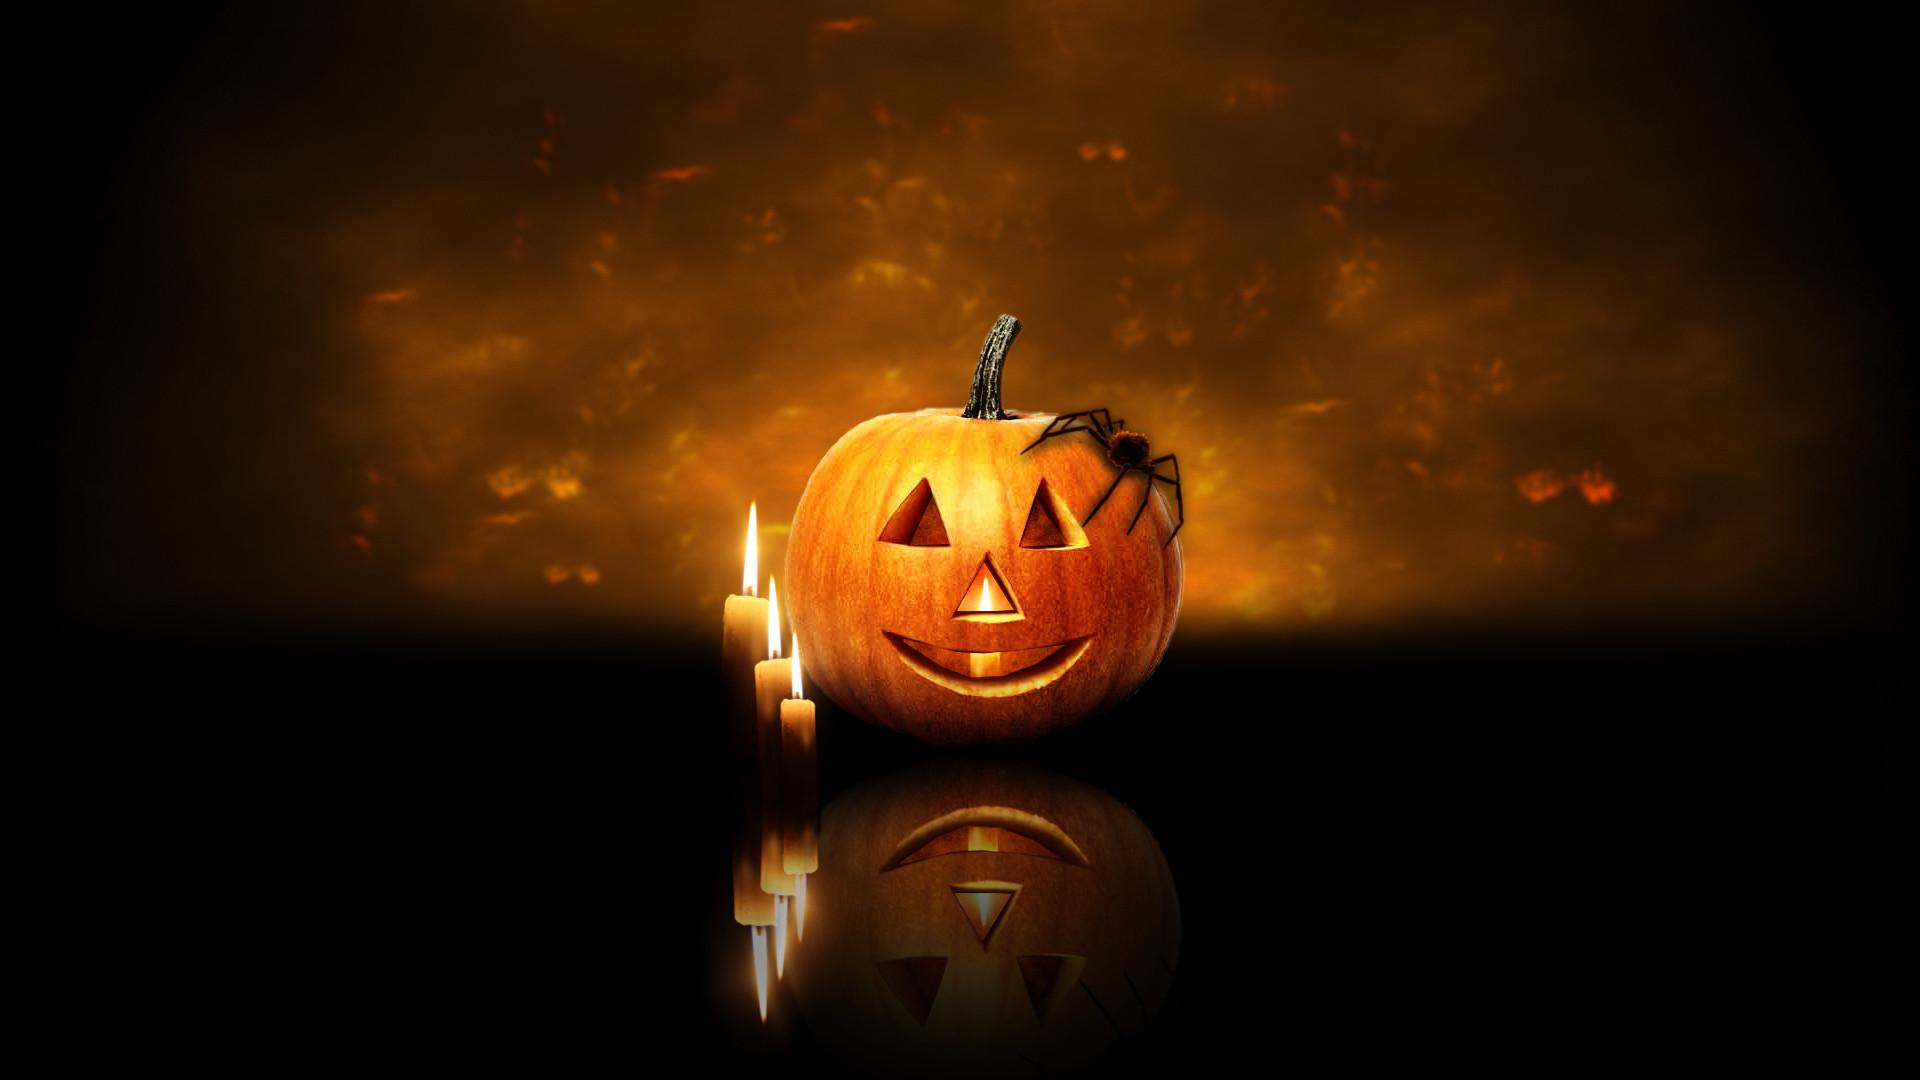 Happy-Halloween-2012-New-Pumpkin-HD-Wallpaper